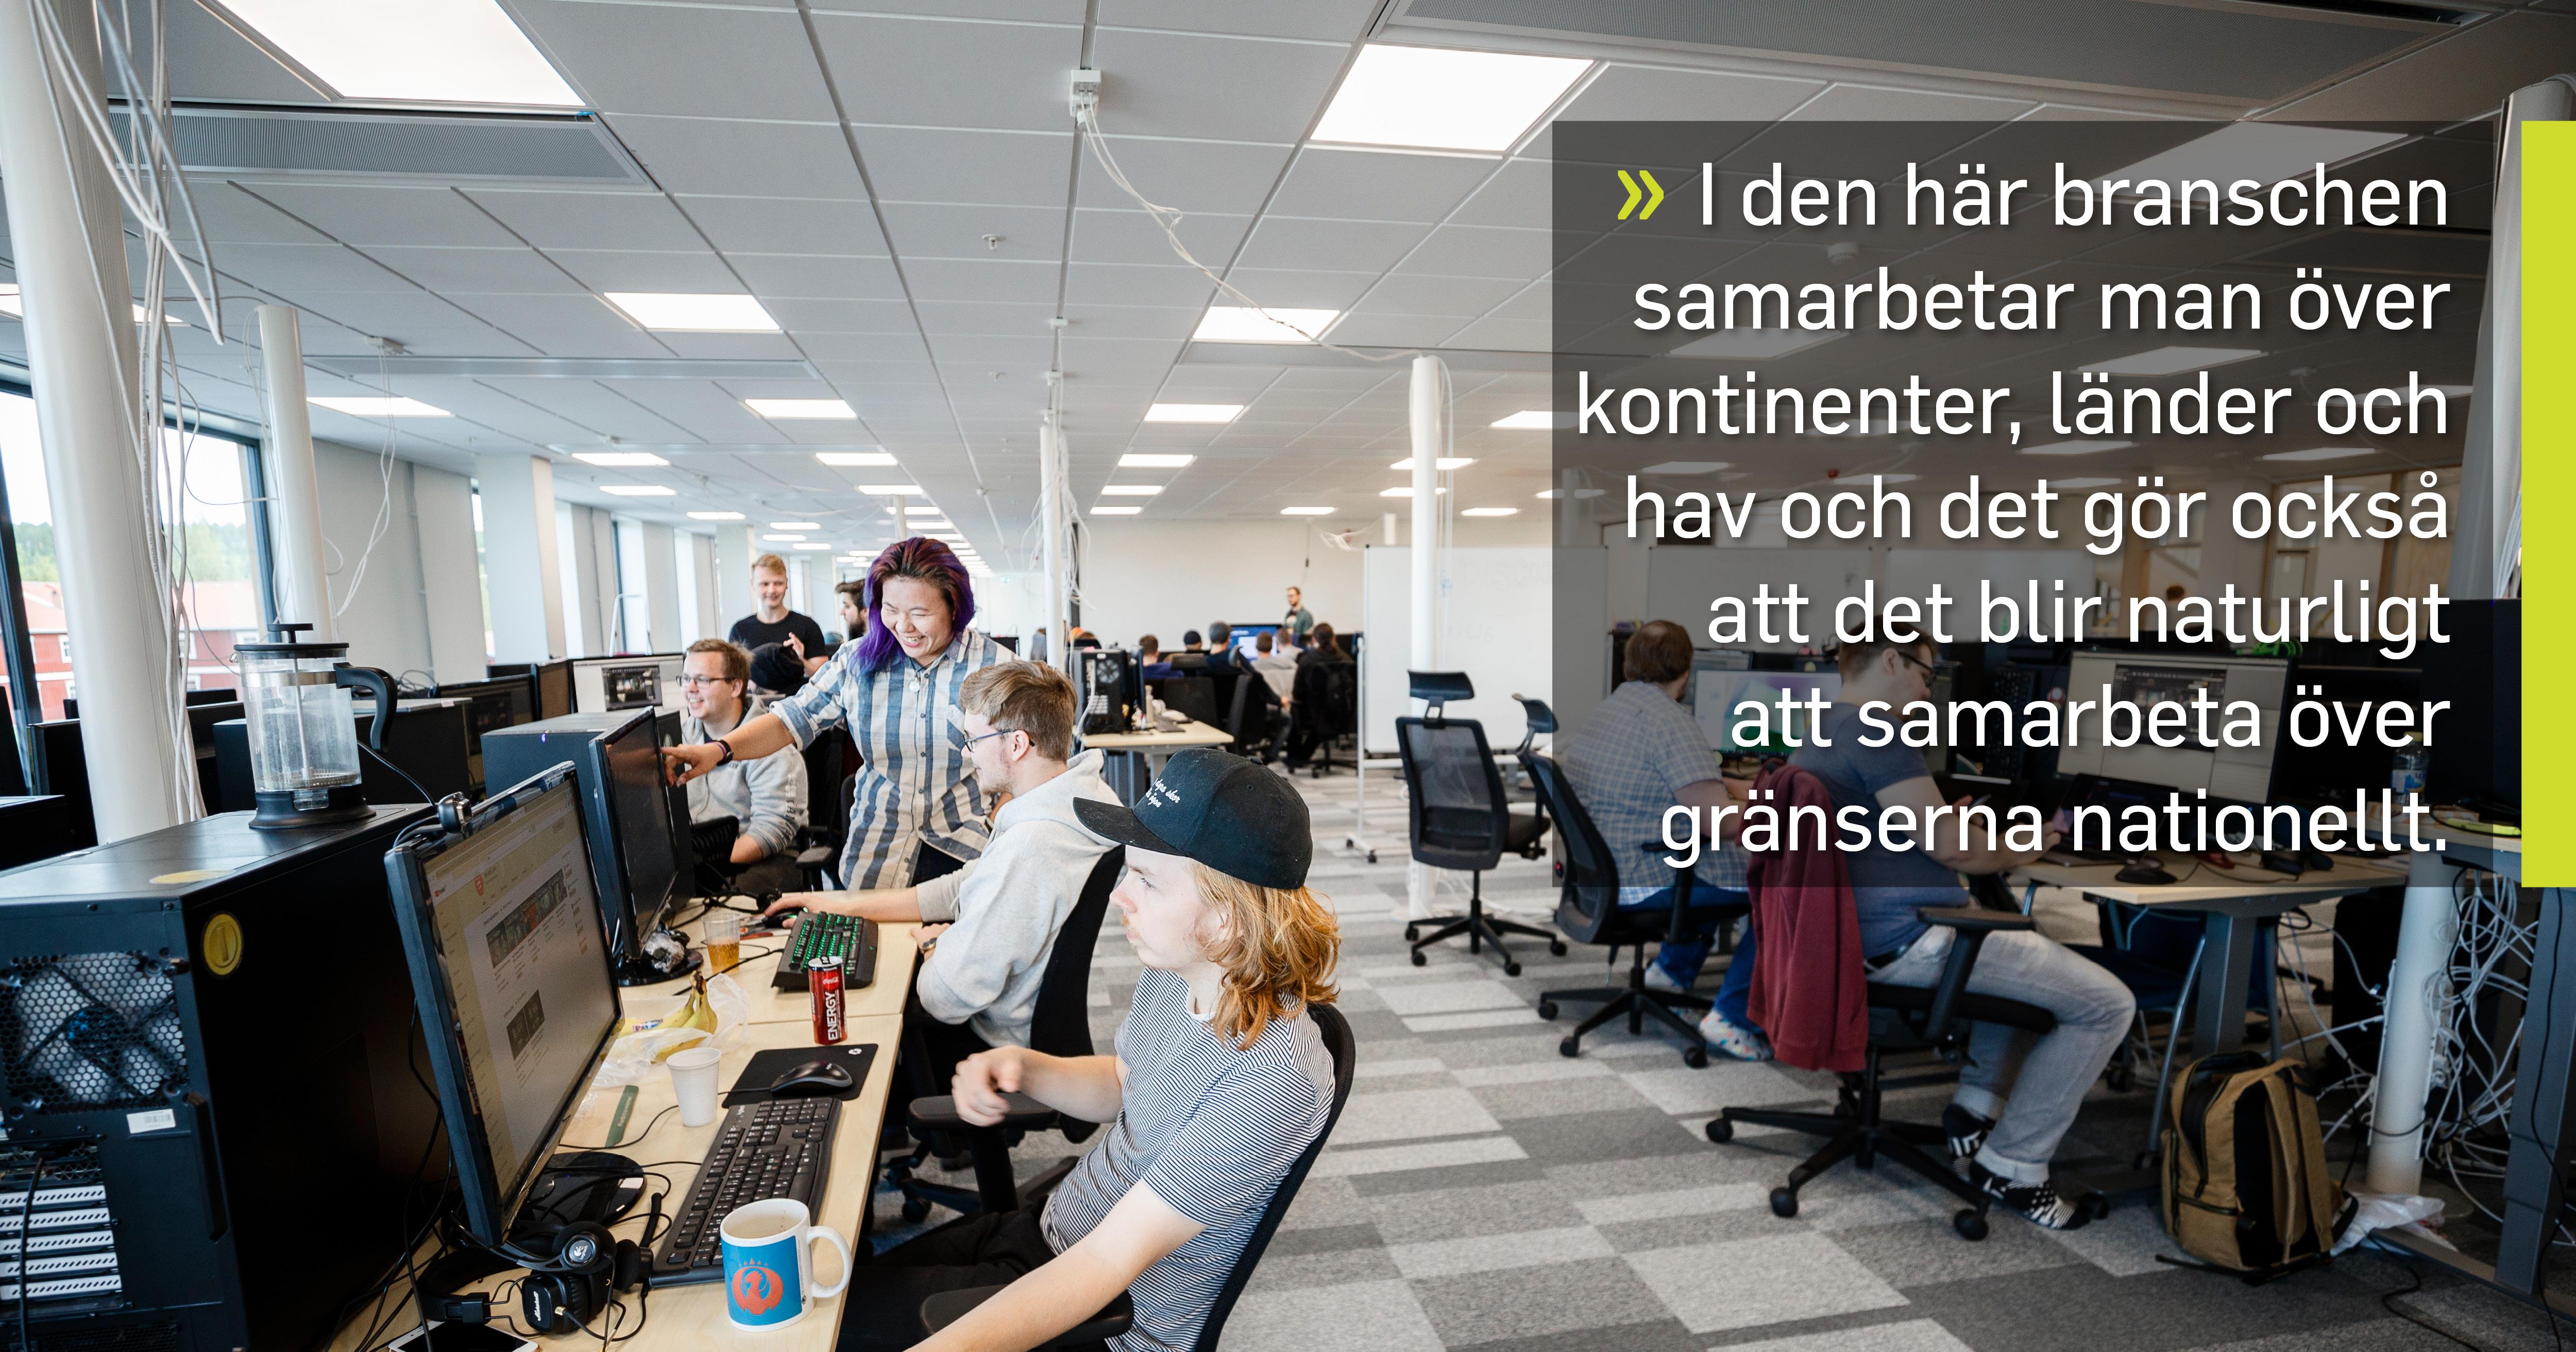 Studenter på Boden Gamecamp vid datorn med citat: I den här branschen samarbetar man över kontinenter, länder och hav och det gör också  att det blir naturligt att samarbeta över gränserna nationellt, säger Emil Sandberg